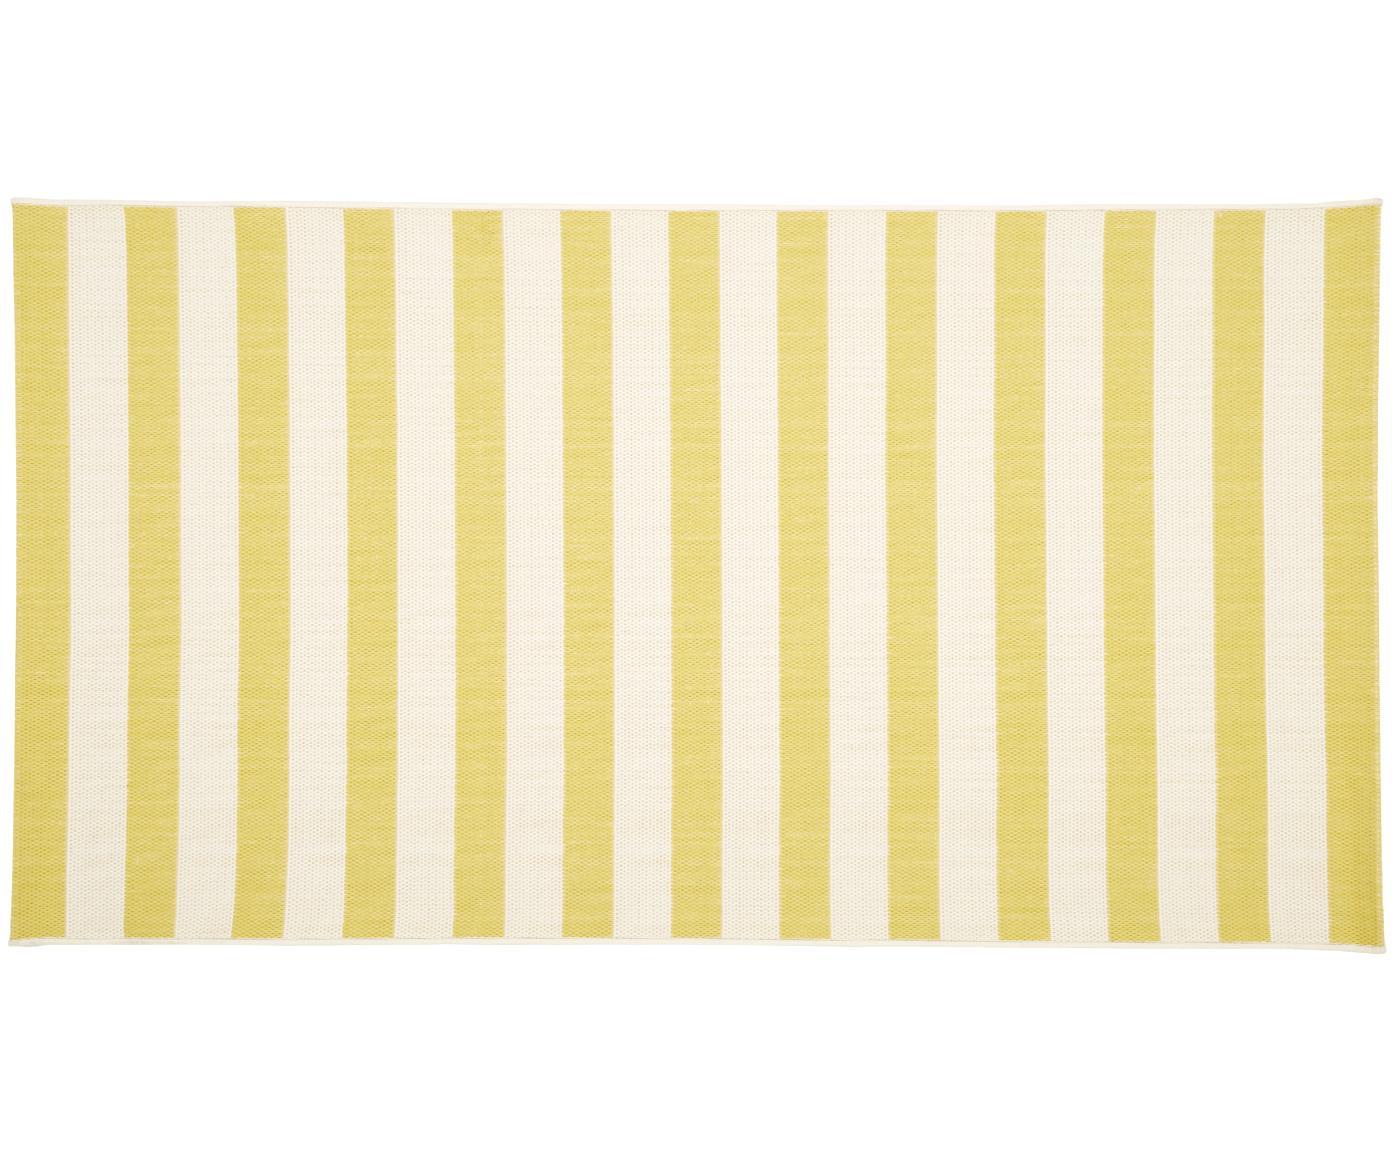 Alfombra de interior/exterior Axa, Parte superior: polipropileno, Reverso: poliéster, Blanco crema, amarillo, An 80 x L 150 cm (Tamaño XS)